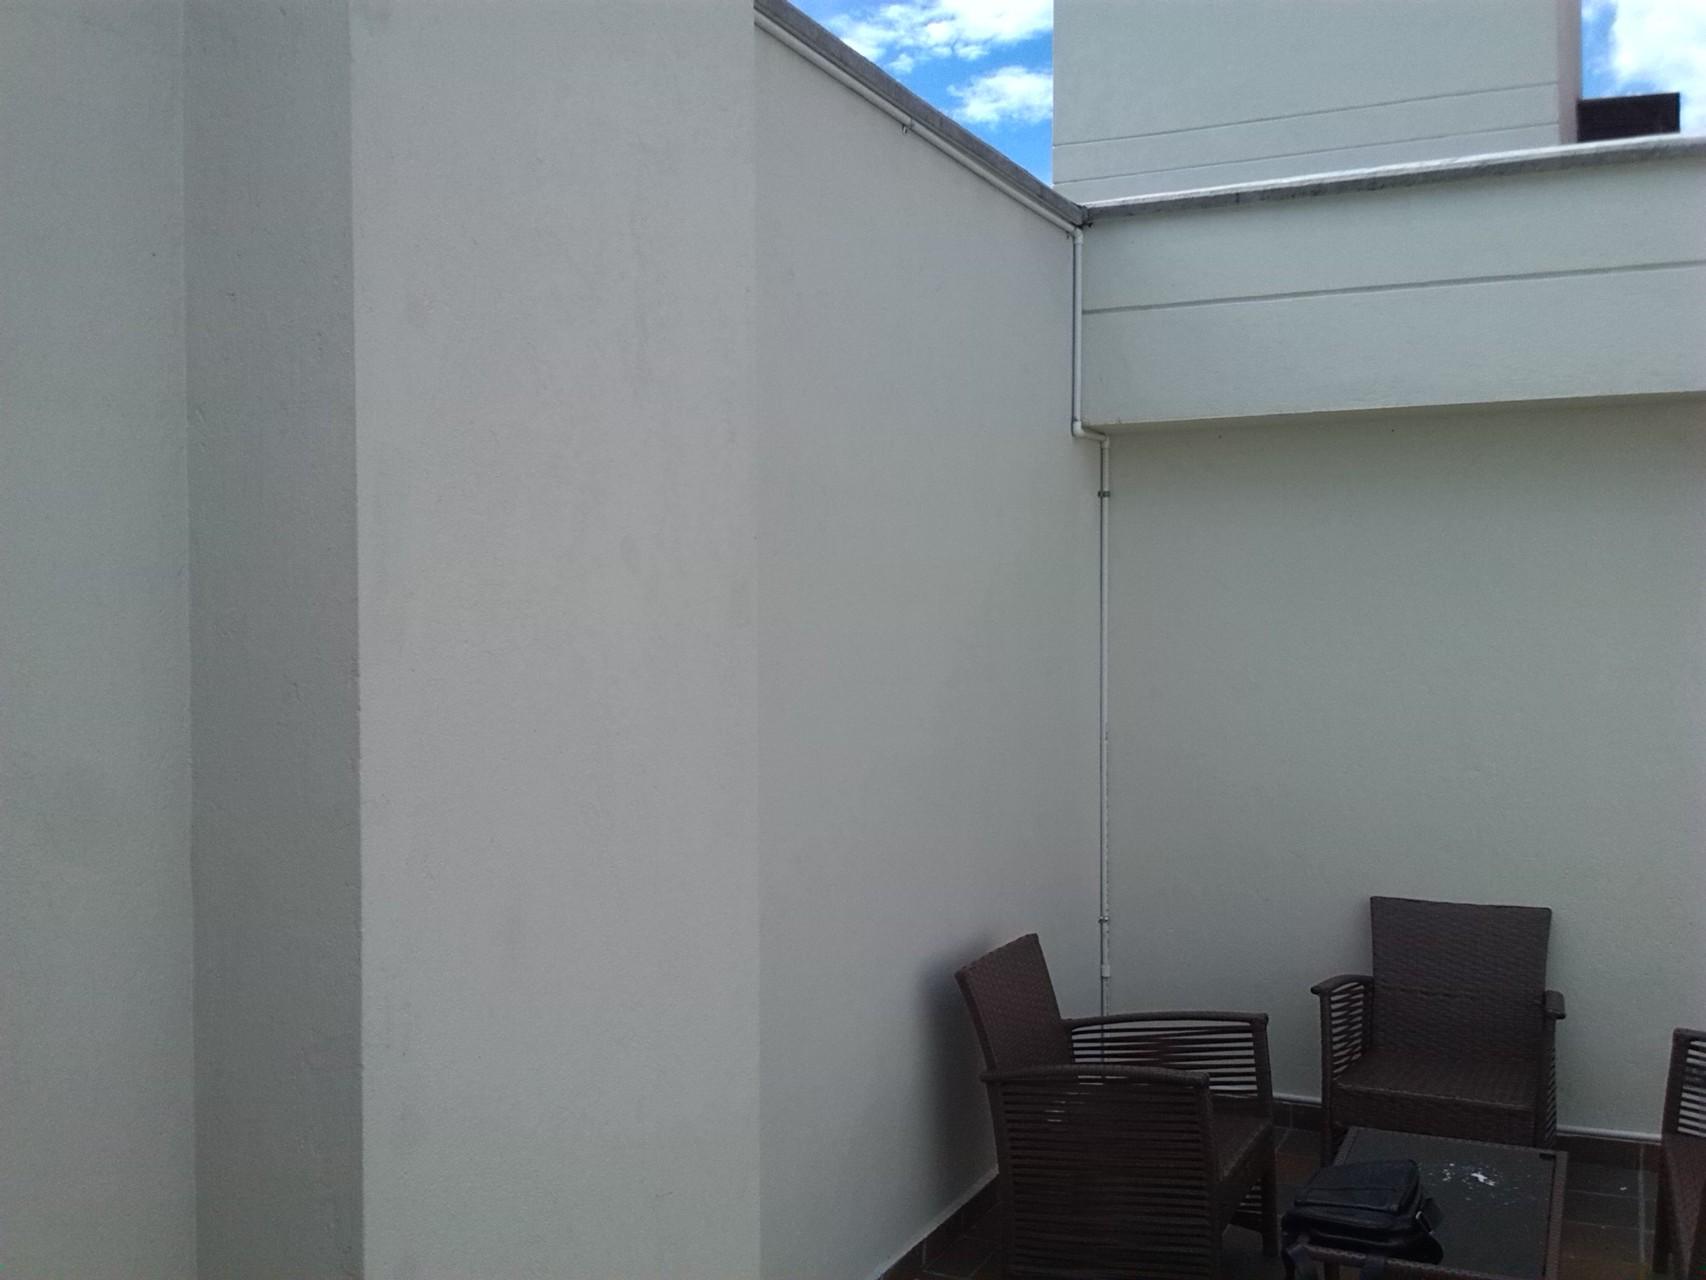 Fotos ANTES de la renovación